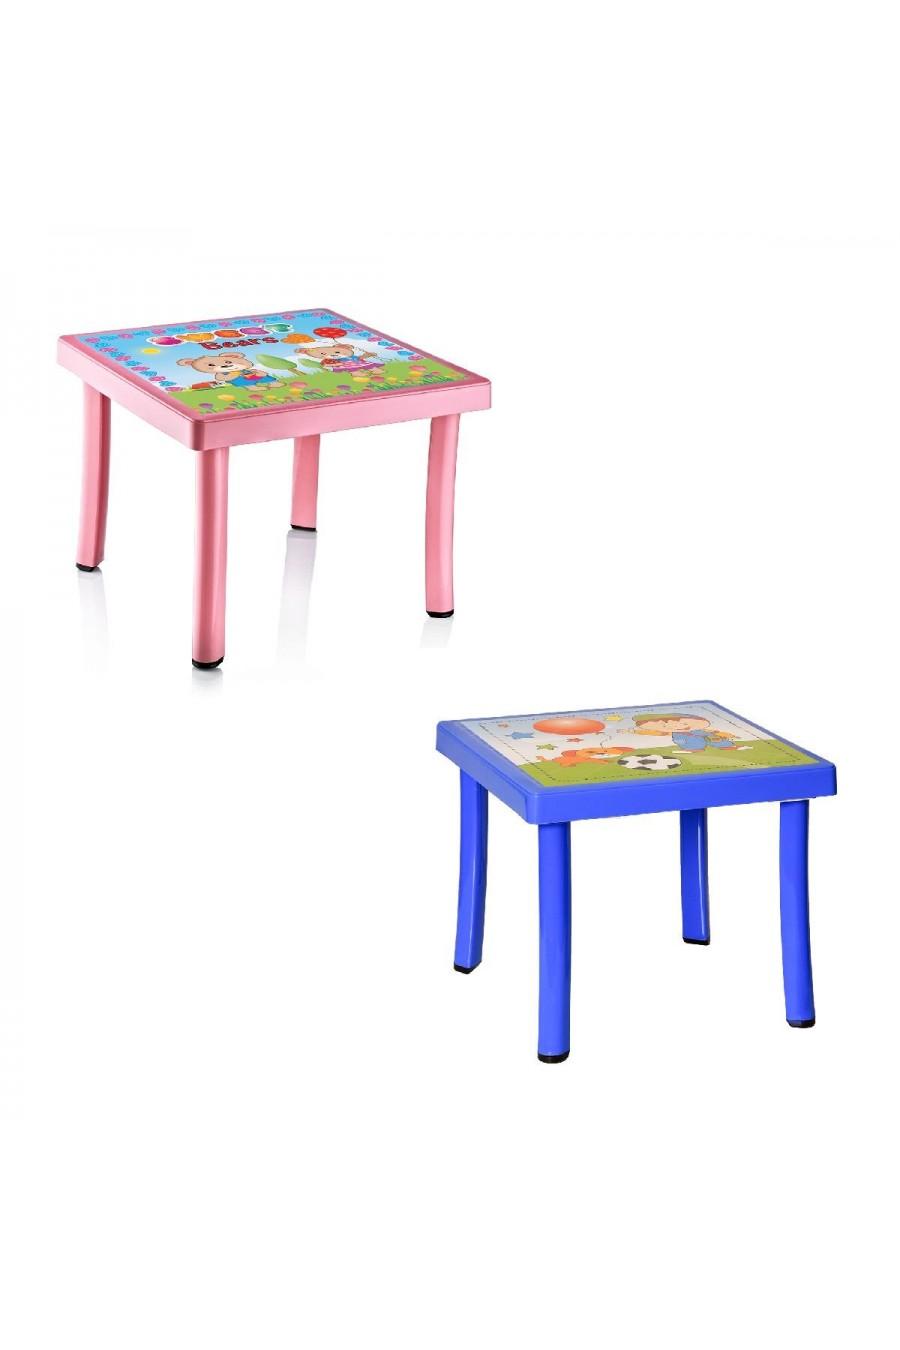 Baby Design Desenli Kare Çocuk Masası | 50x50 cm